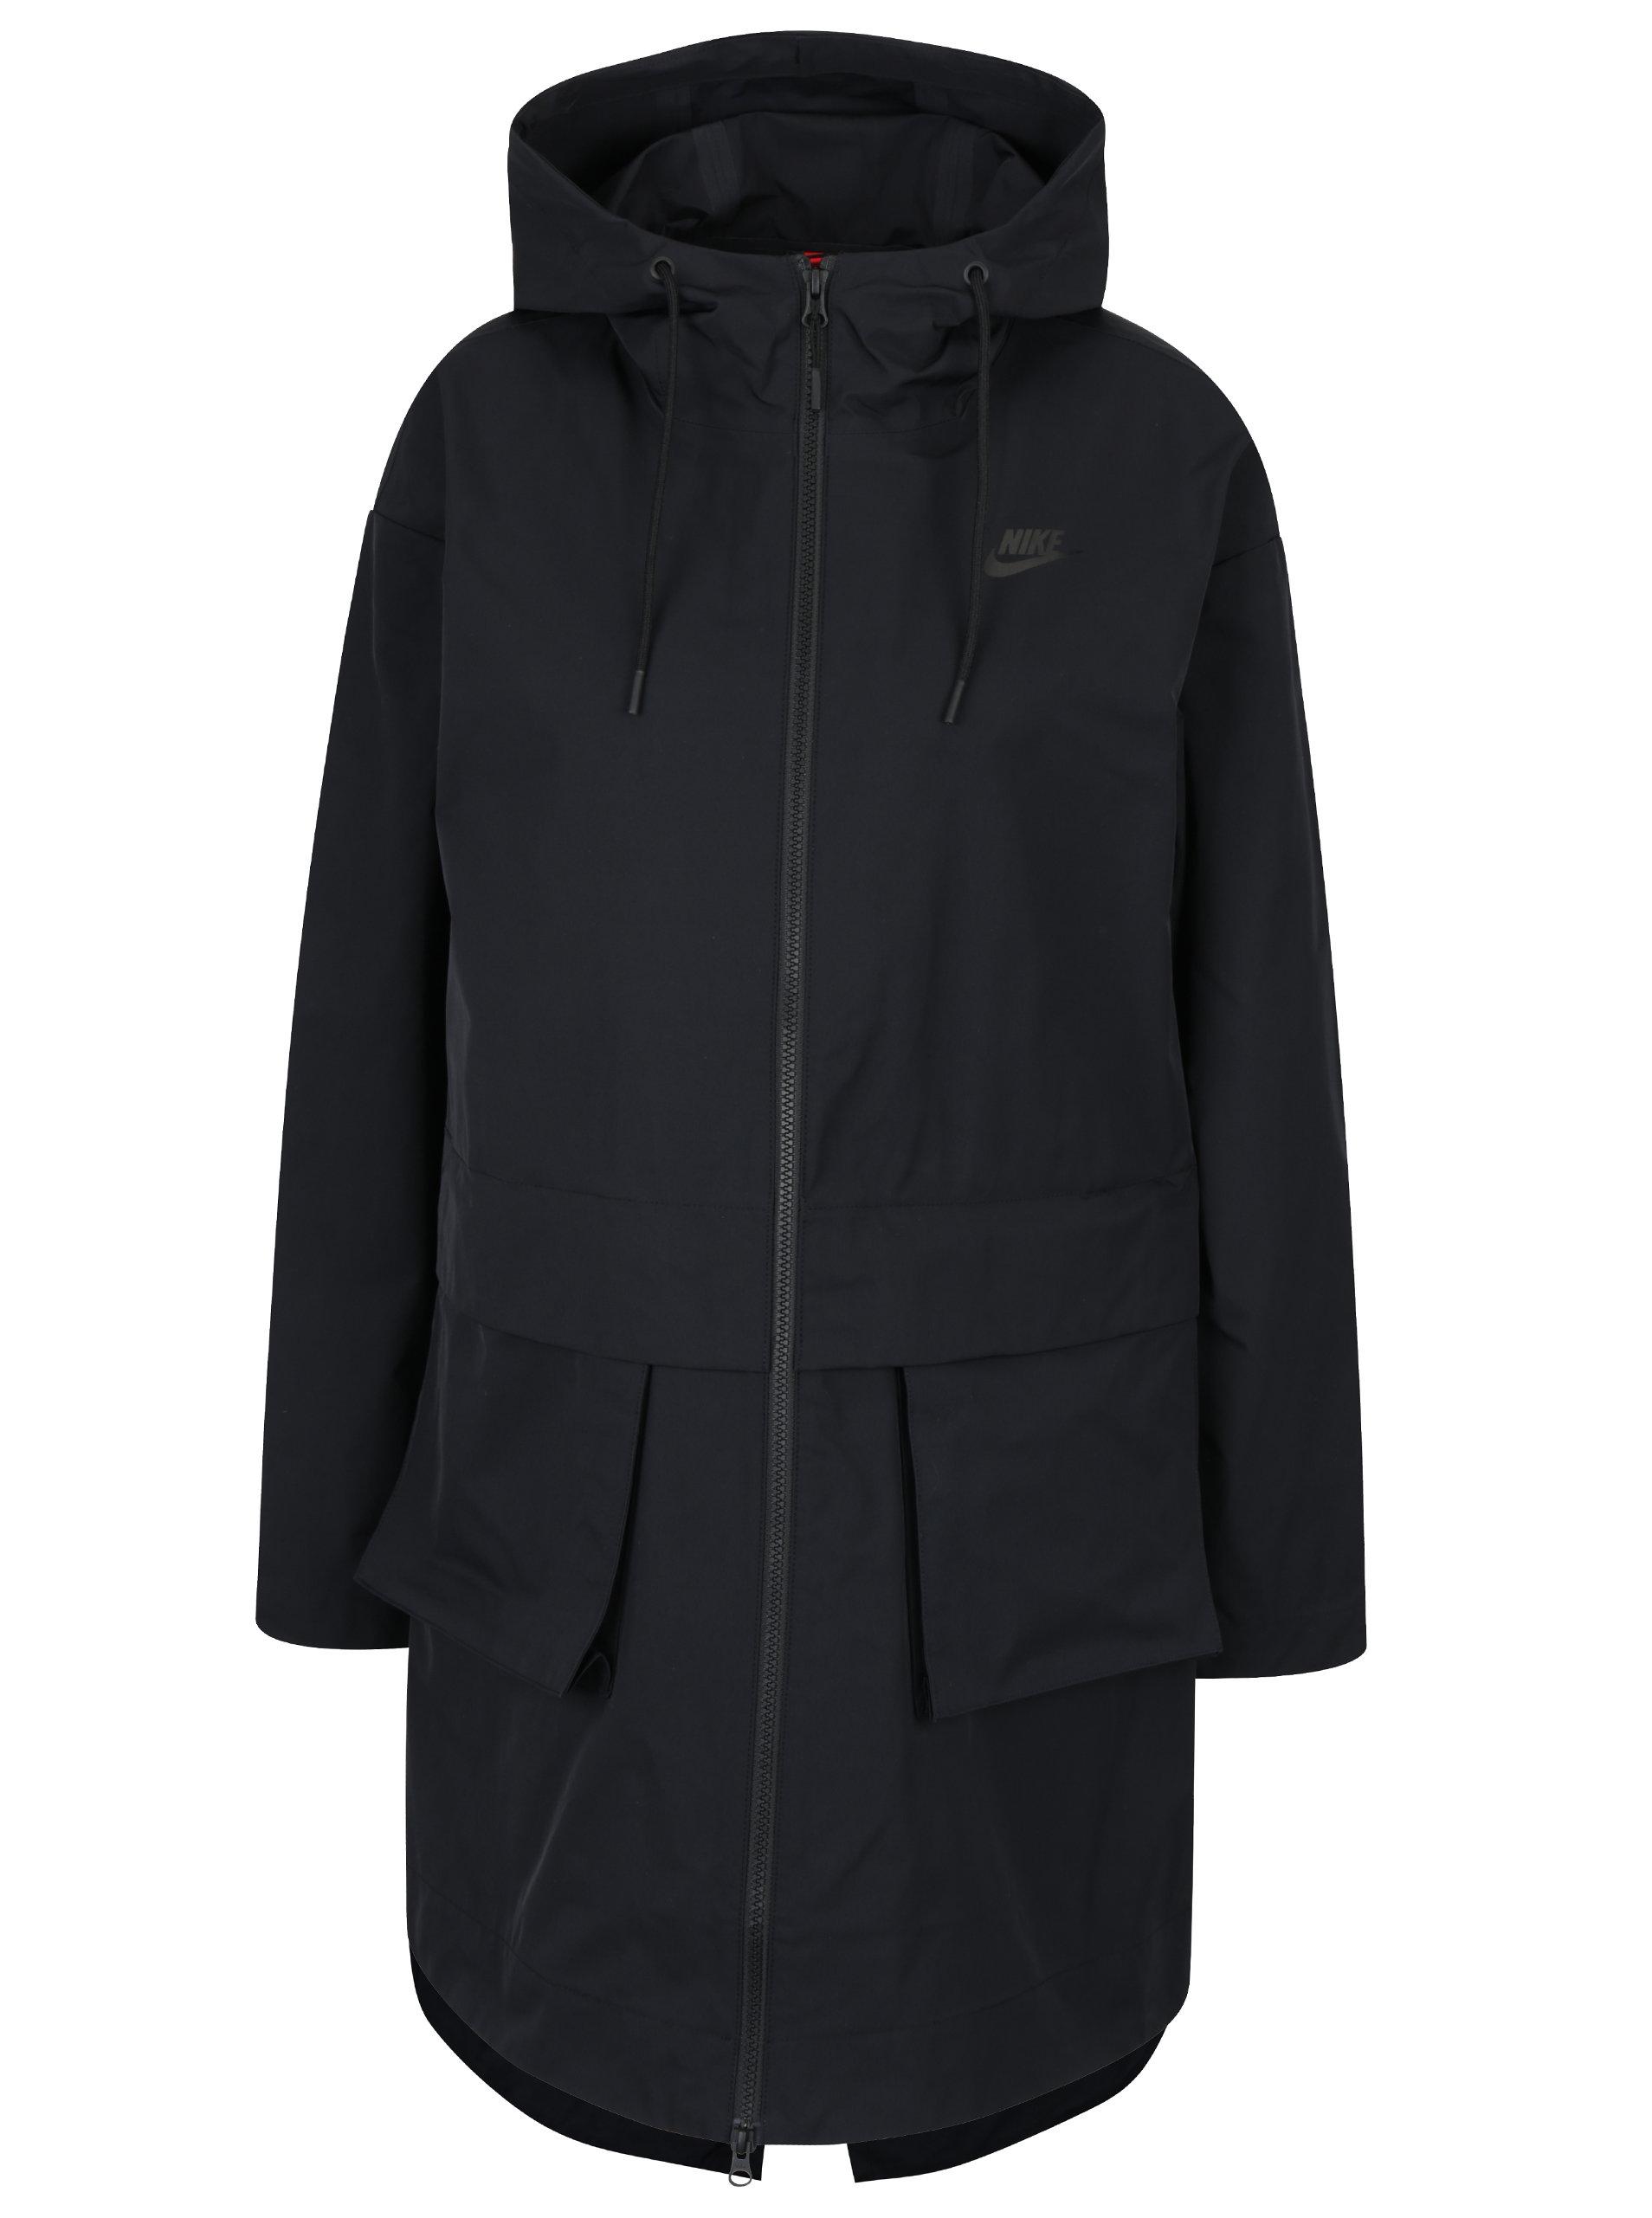 72b47e8ac Geaca parka neagra impermeabila cu buzunar detasabil pentru femei Nike ...